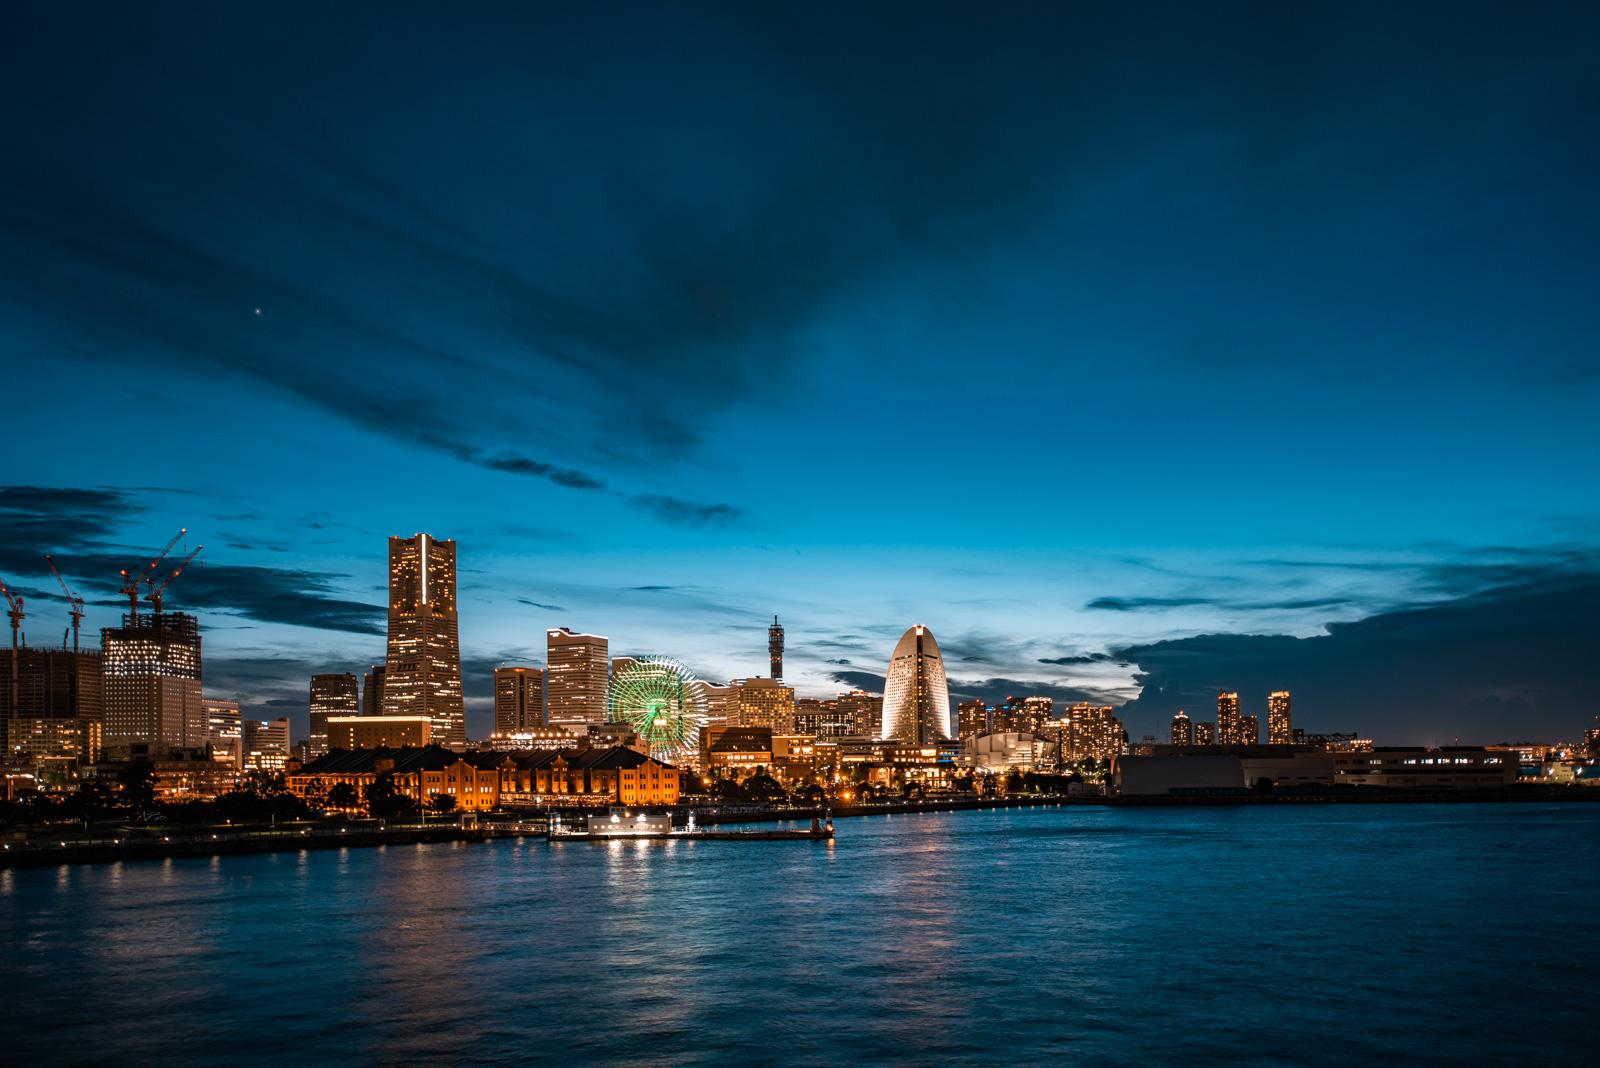 大さん橋/横浜みなとみらいの夜景撮影なら外せないスポット